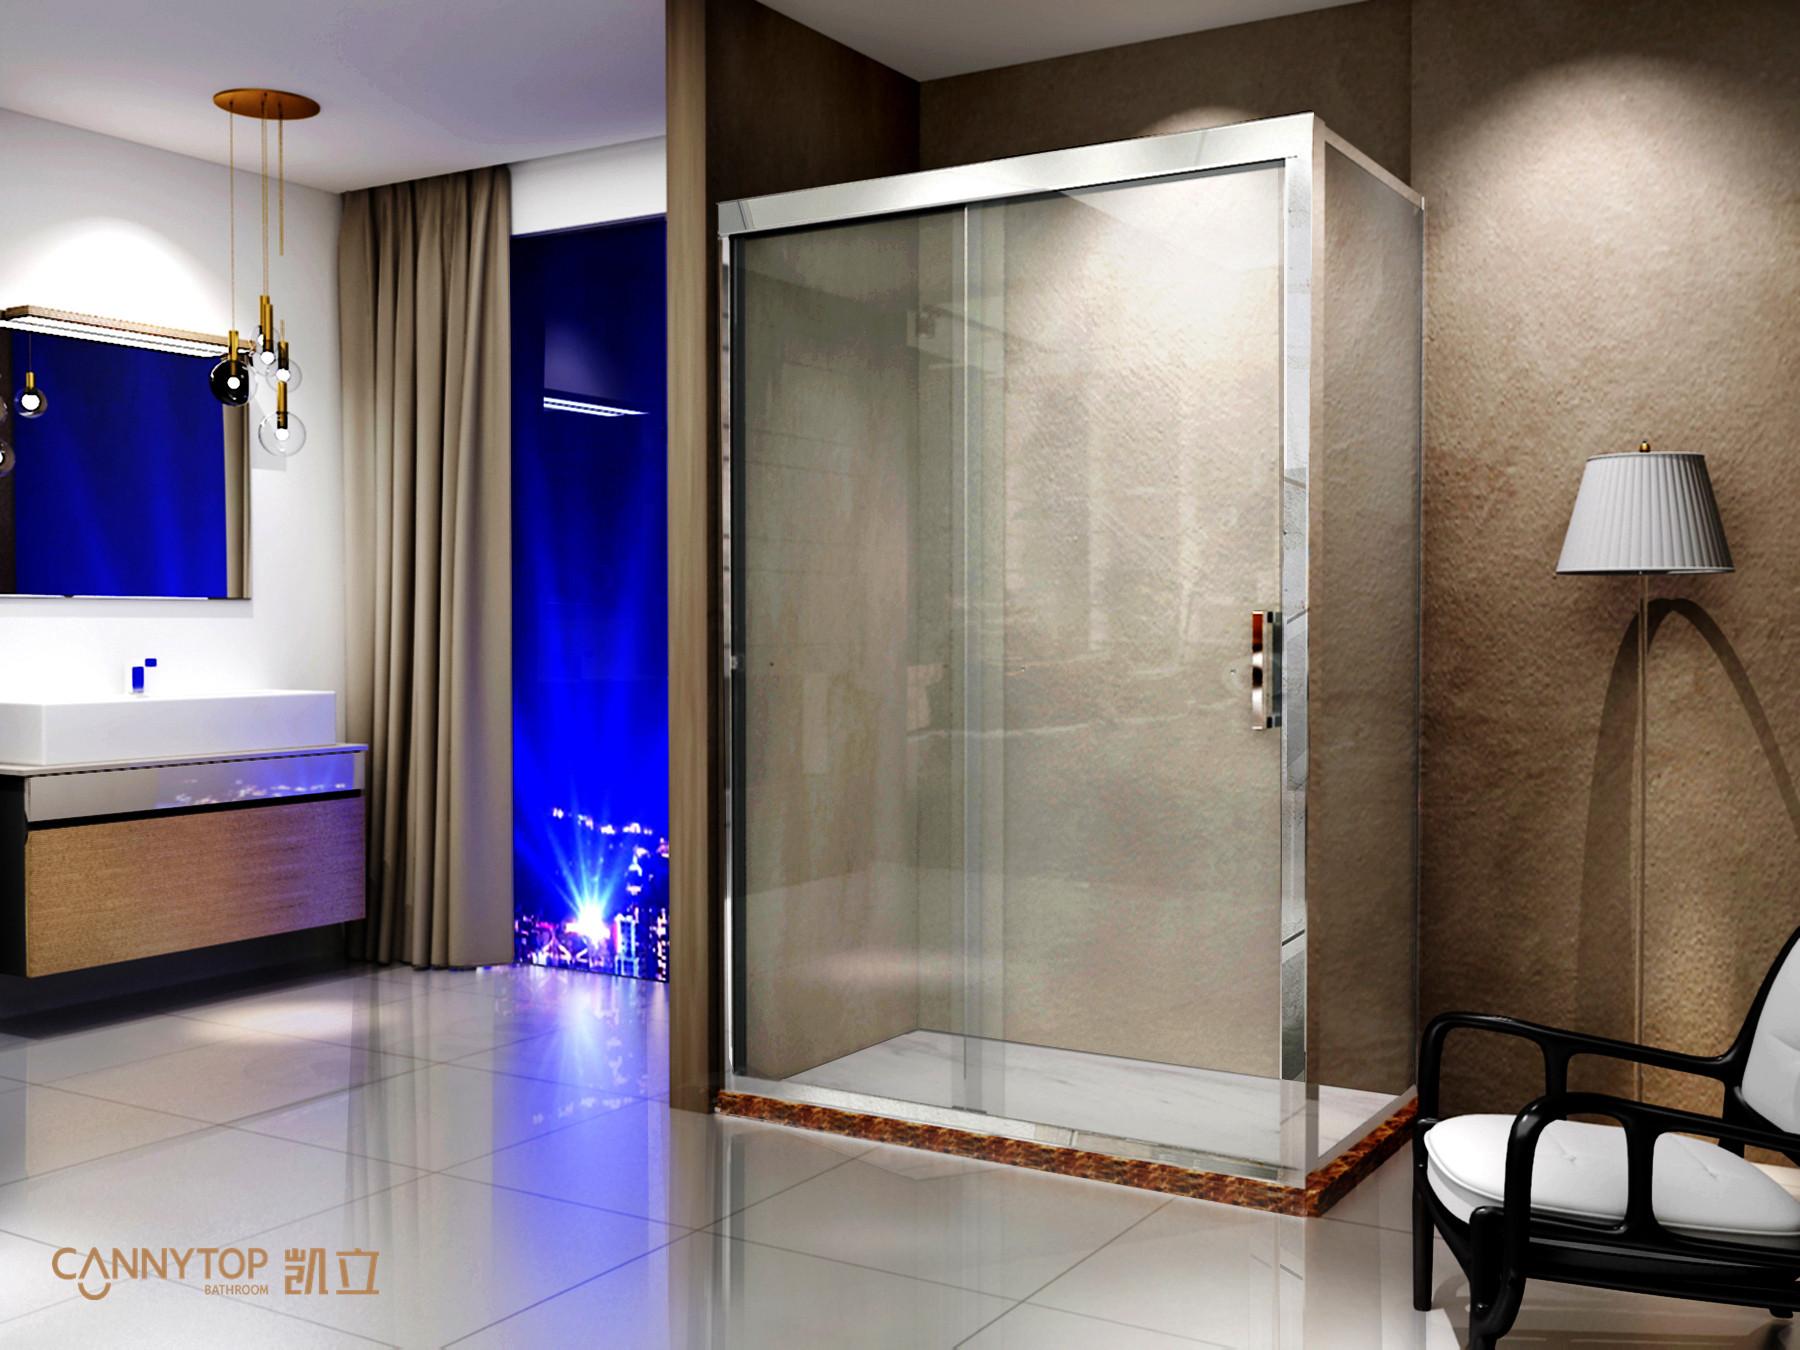 淋浴房自爆可能性不容忽视,到底什么原因引起自爆?